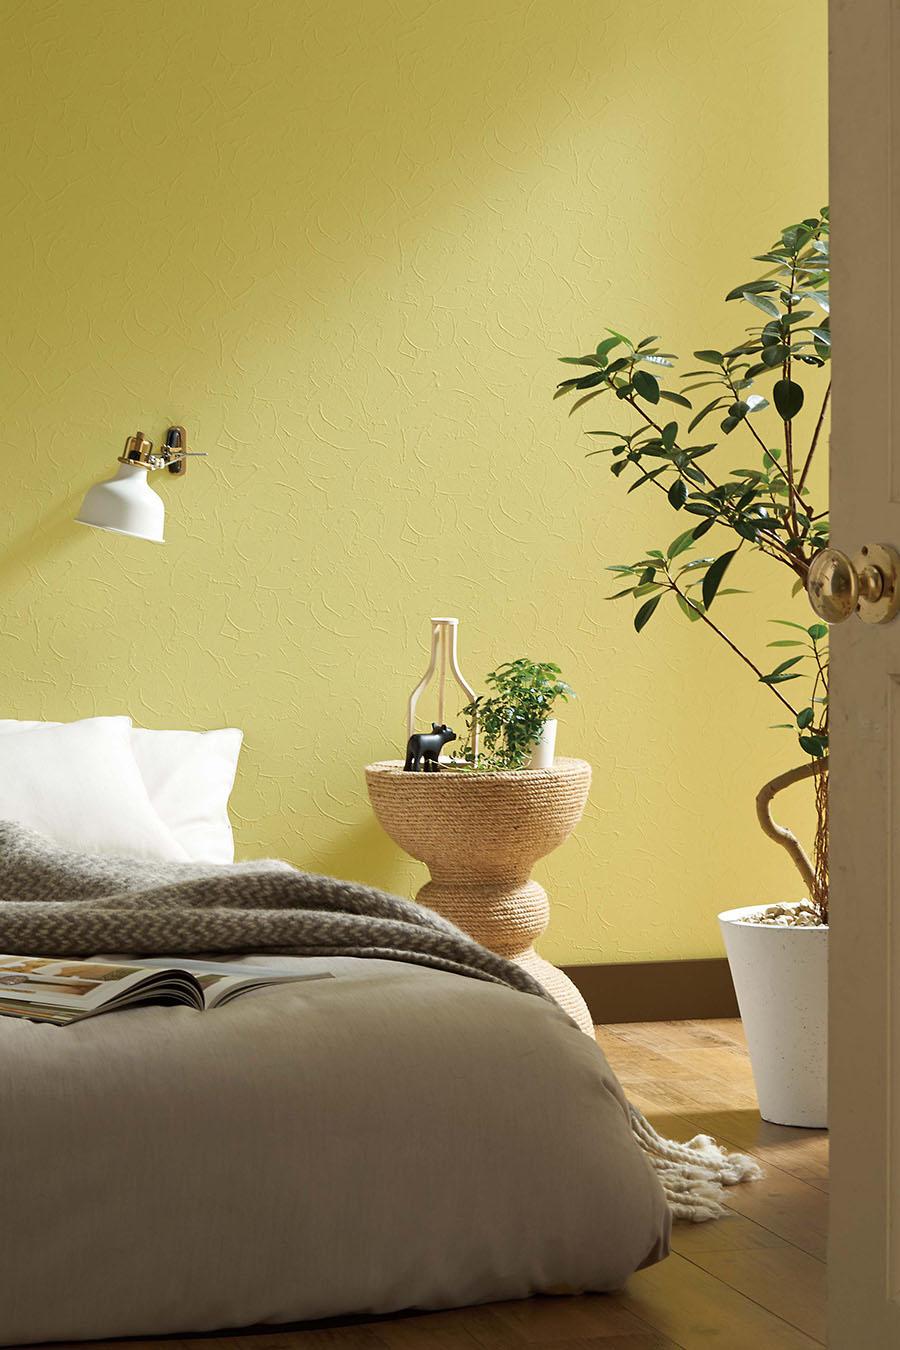 抗アレル機能を持つ壁紙もある。壁紙表面の抗アレルゲン剤が空気中に浮遊するアレル物質と接触し、その働きを低減する。品番:FE-1716。